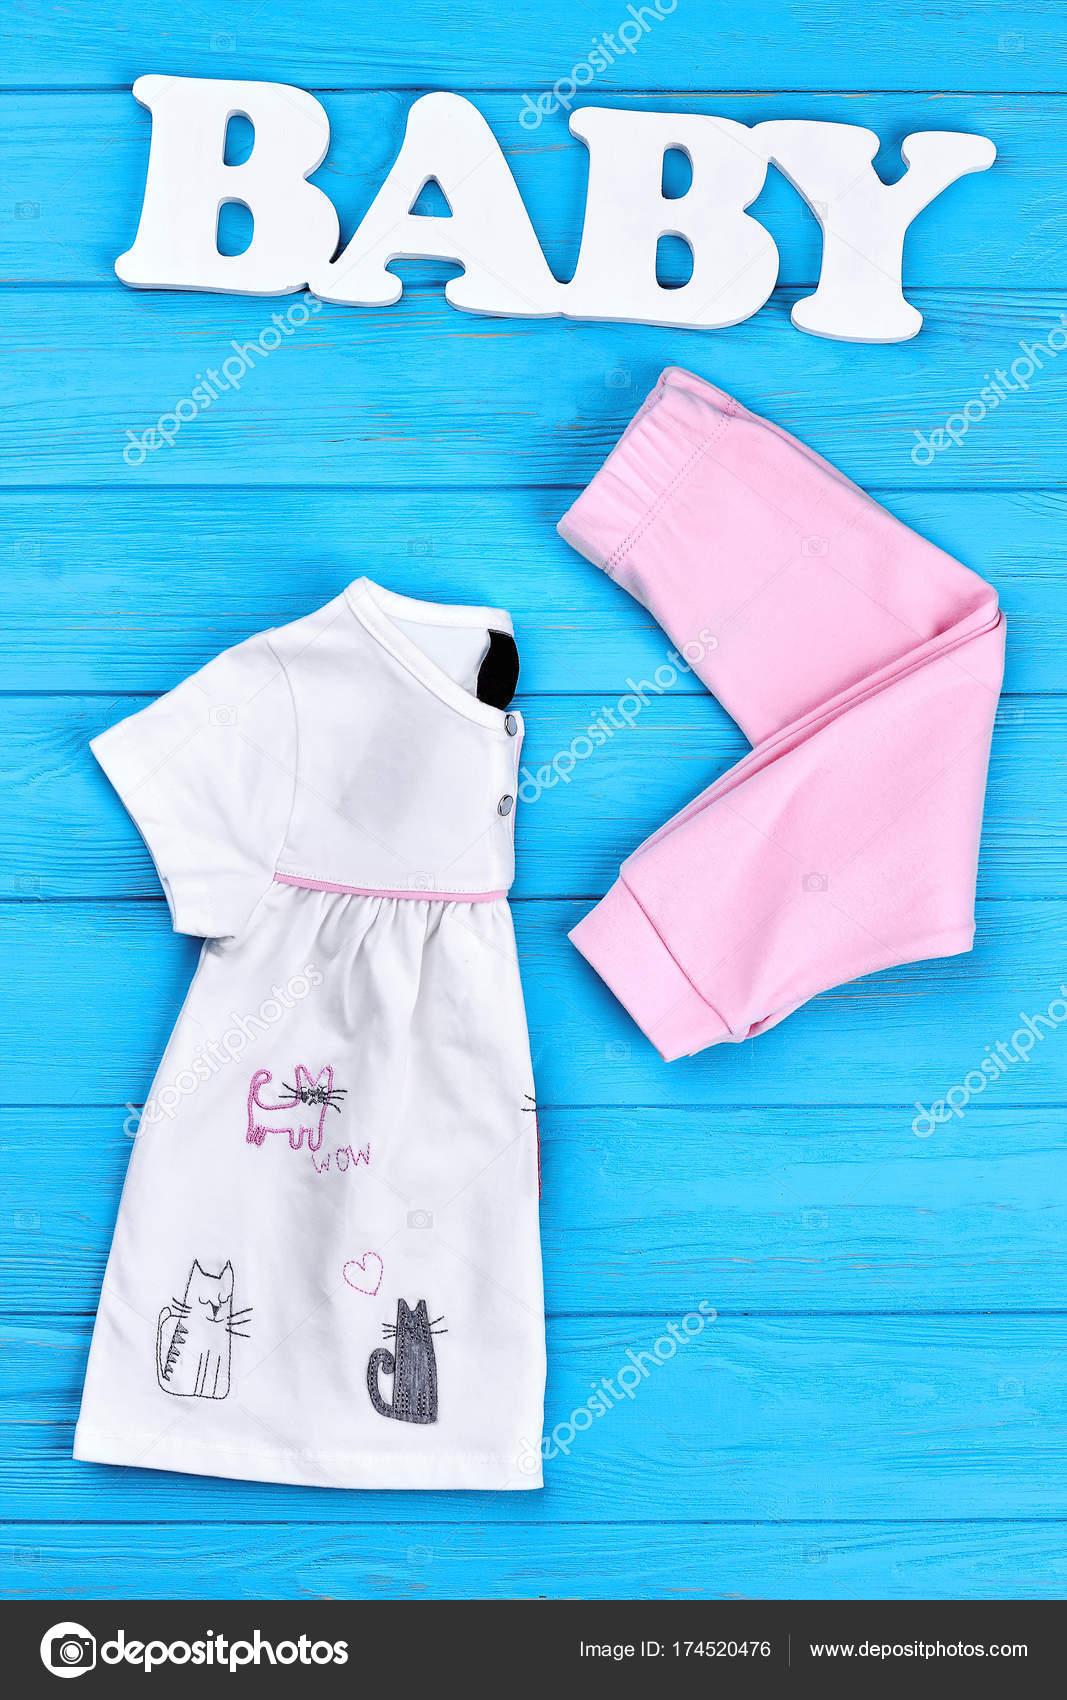 7a425b6611e Ορίστε μωρό-Gurl καλοκαιρινή μόδα. Όμορφο μάρκα στολή για μικρά κορίτσια,  μωρό λέξη, μπλε φόντο ξύλινη. Κατάστημα φυσικό ρούχα για κοριτσάκι — Εικόνα  από ...